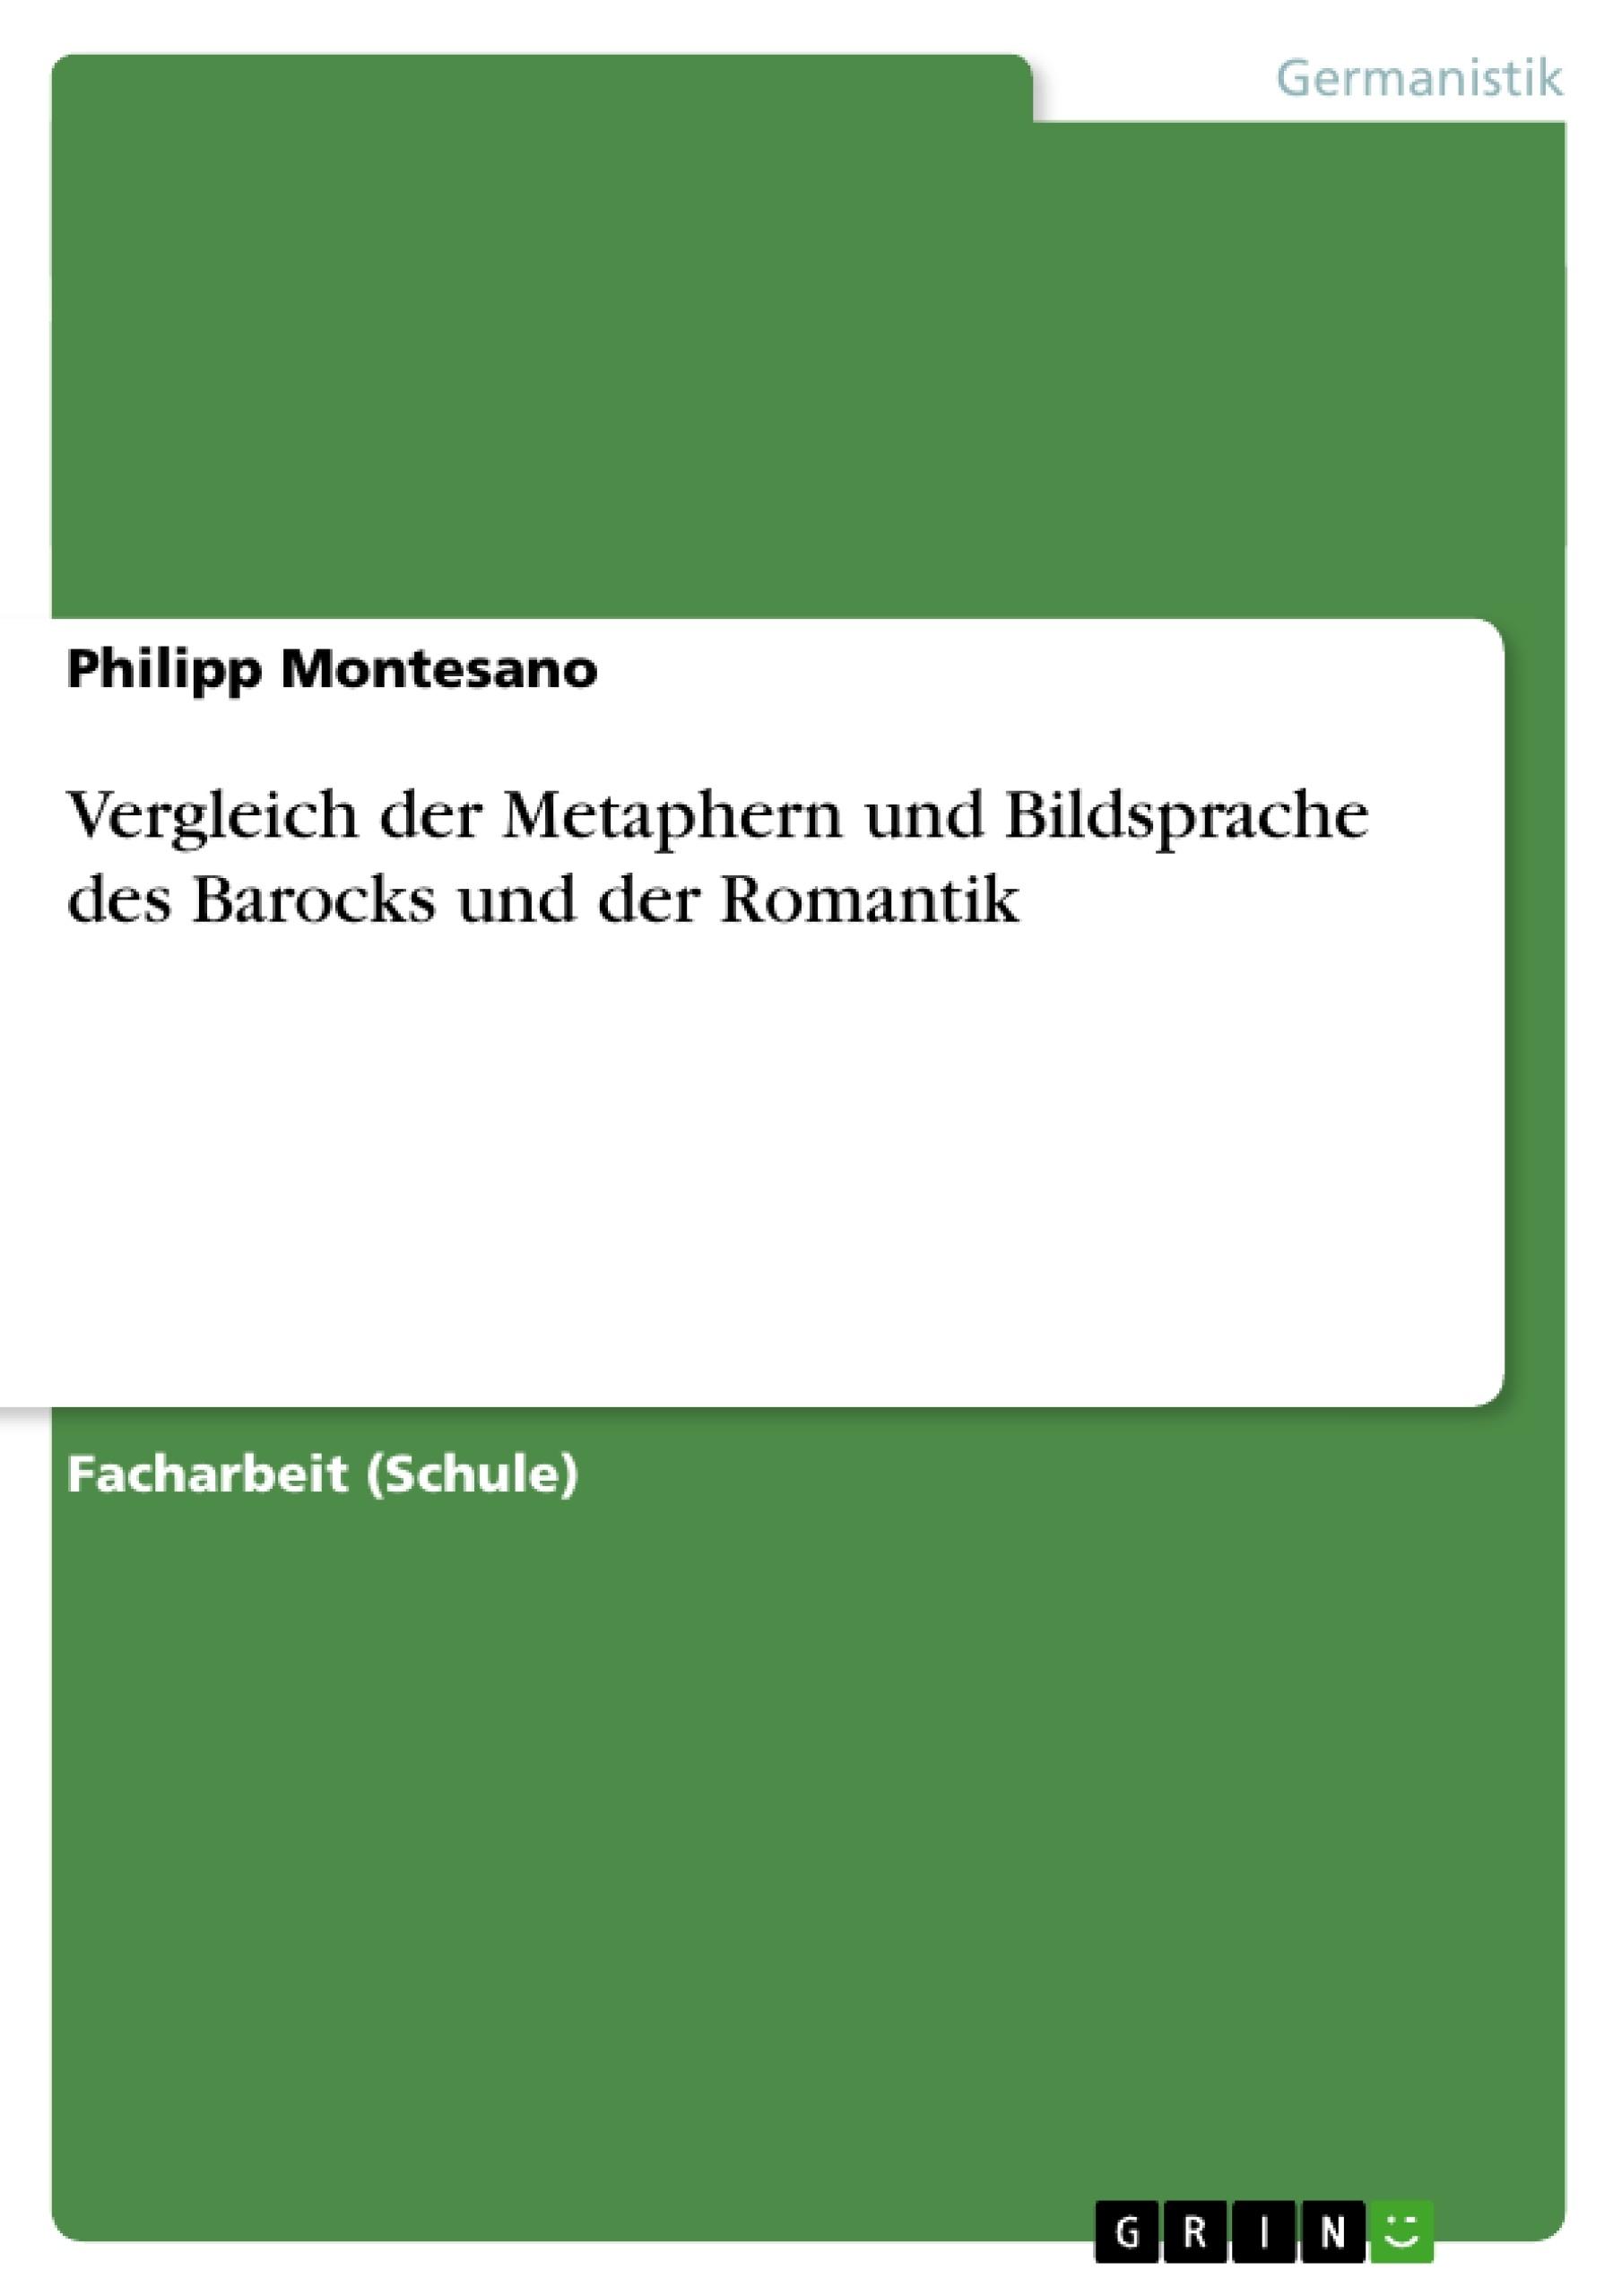 Titel: Vergleich der Metaphern und Bildsprache des Barocks und der Romantik